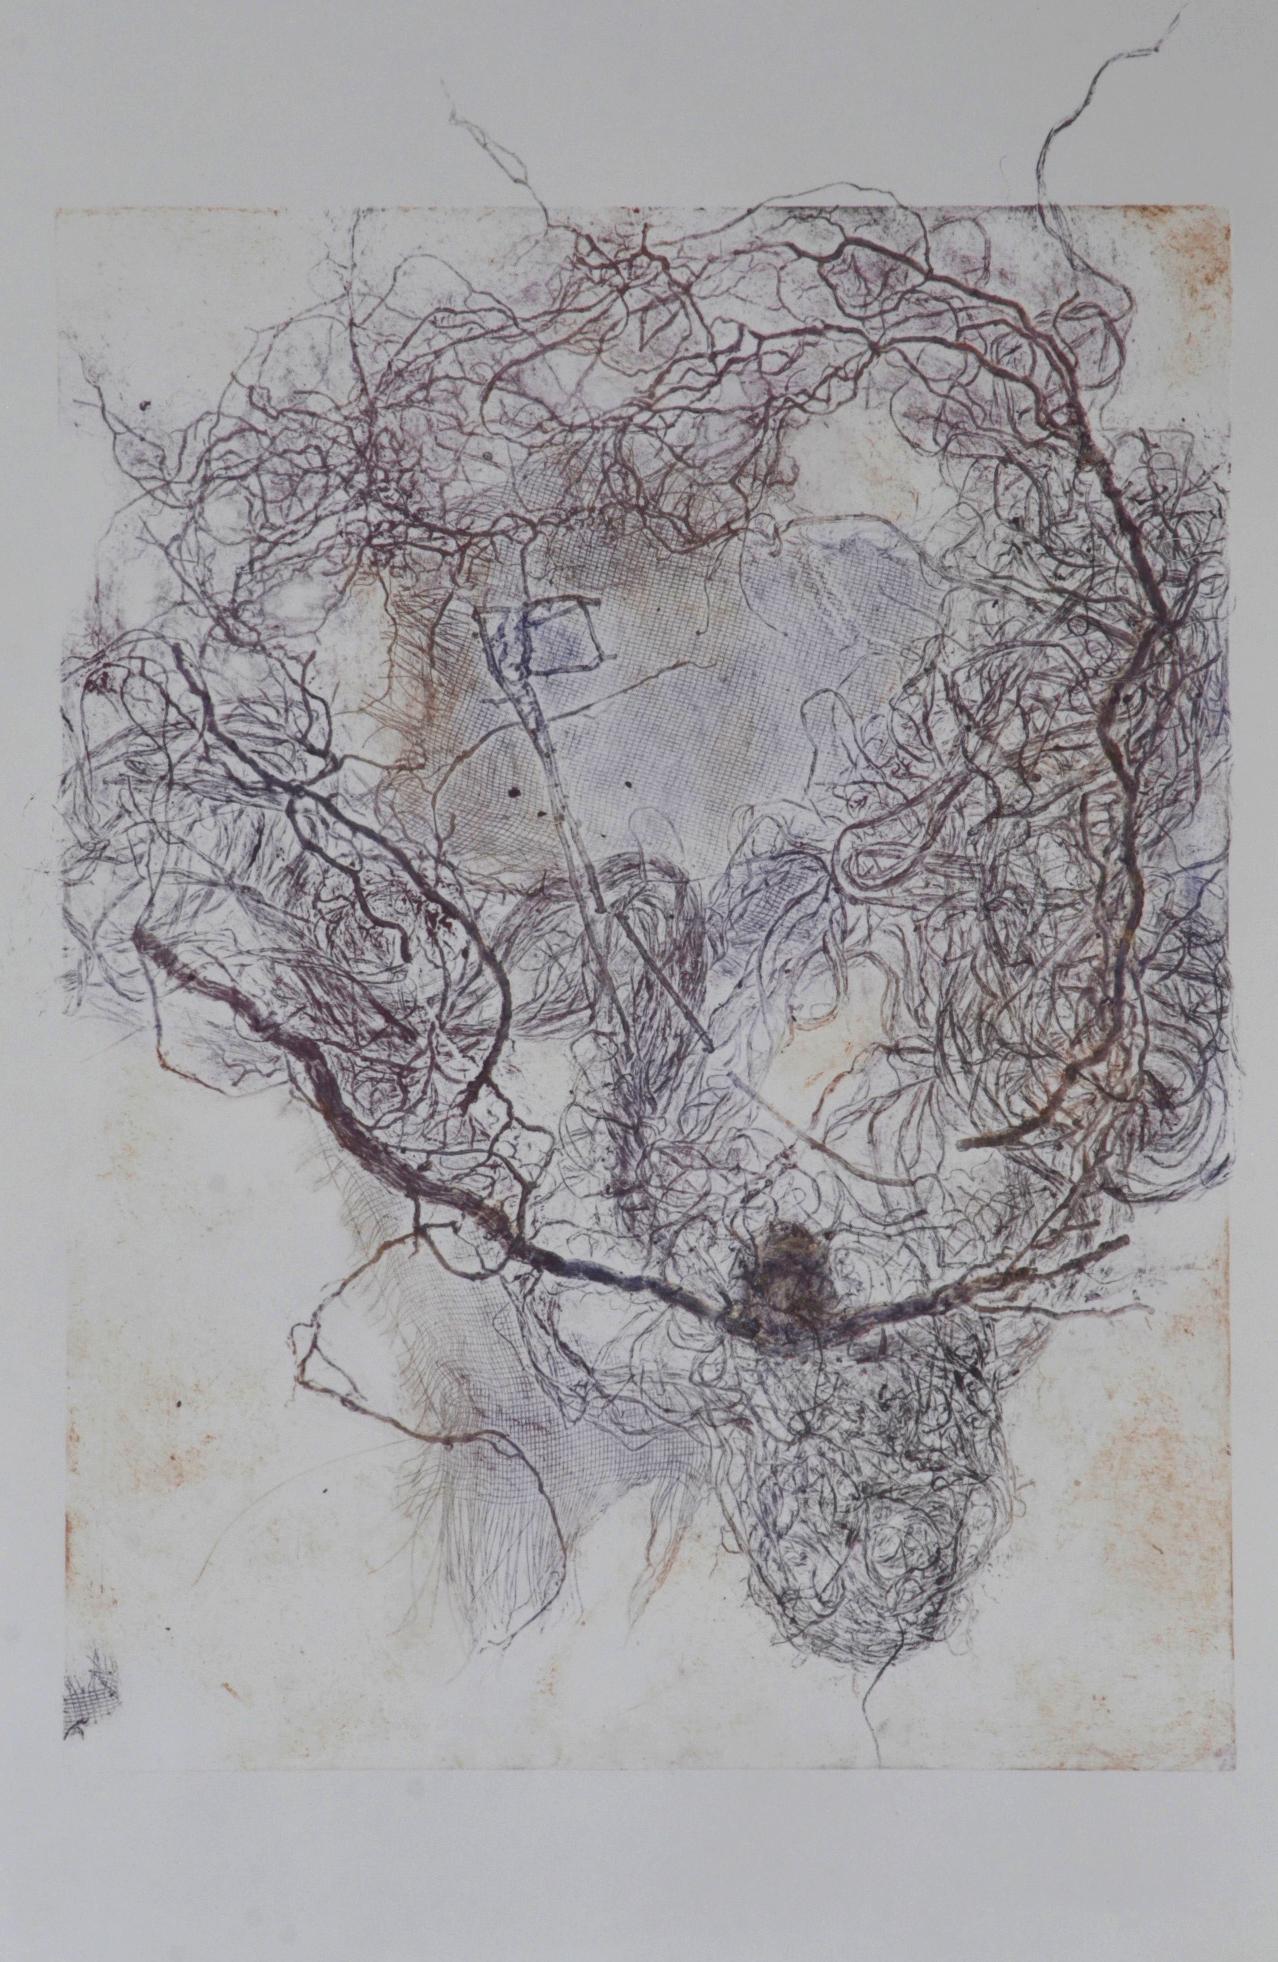 Collogravure. 50 x 70 cm